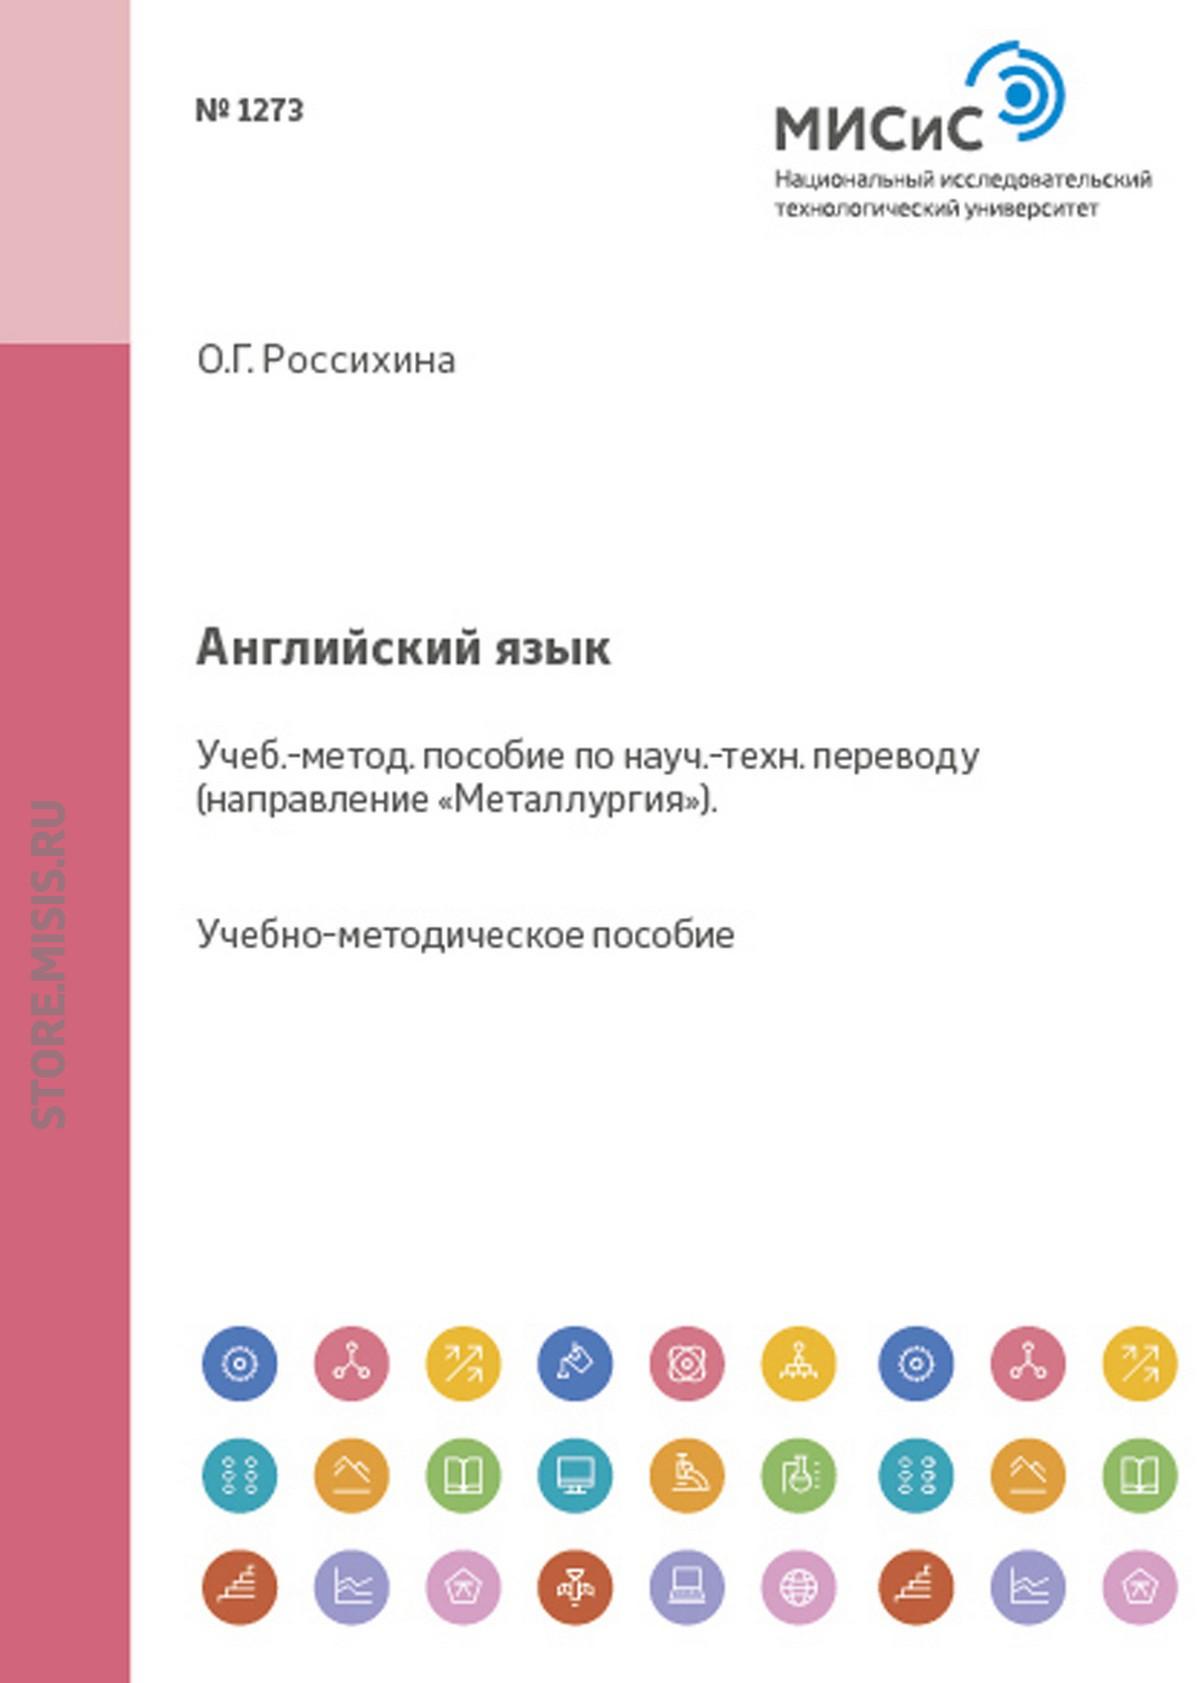 Английский язык. Учебно-методическое пособие по научно-техническому переводу. Направление металлургия